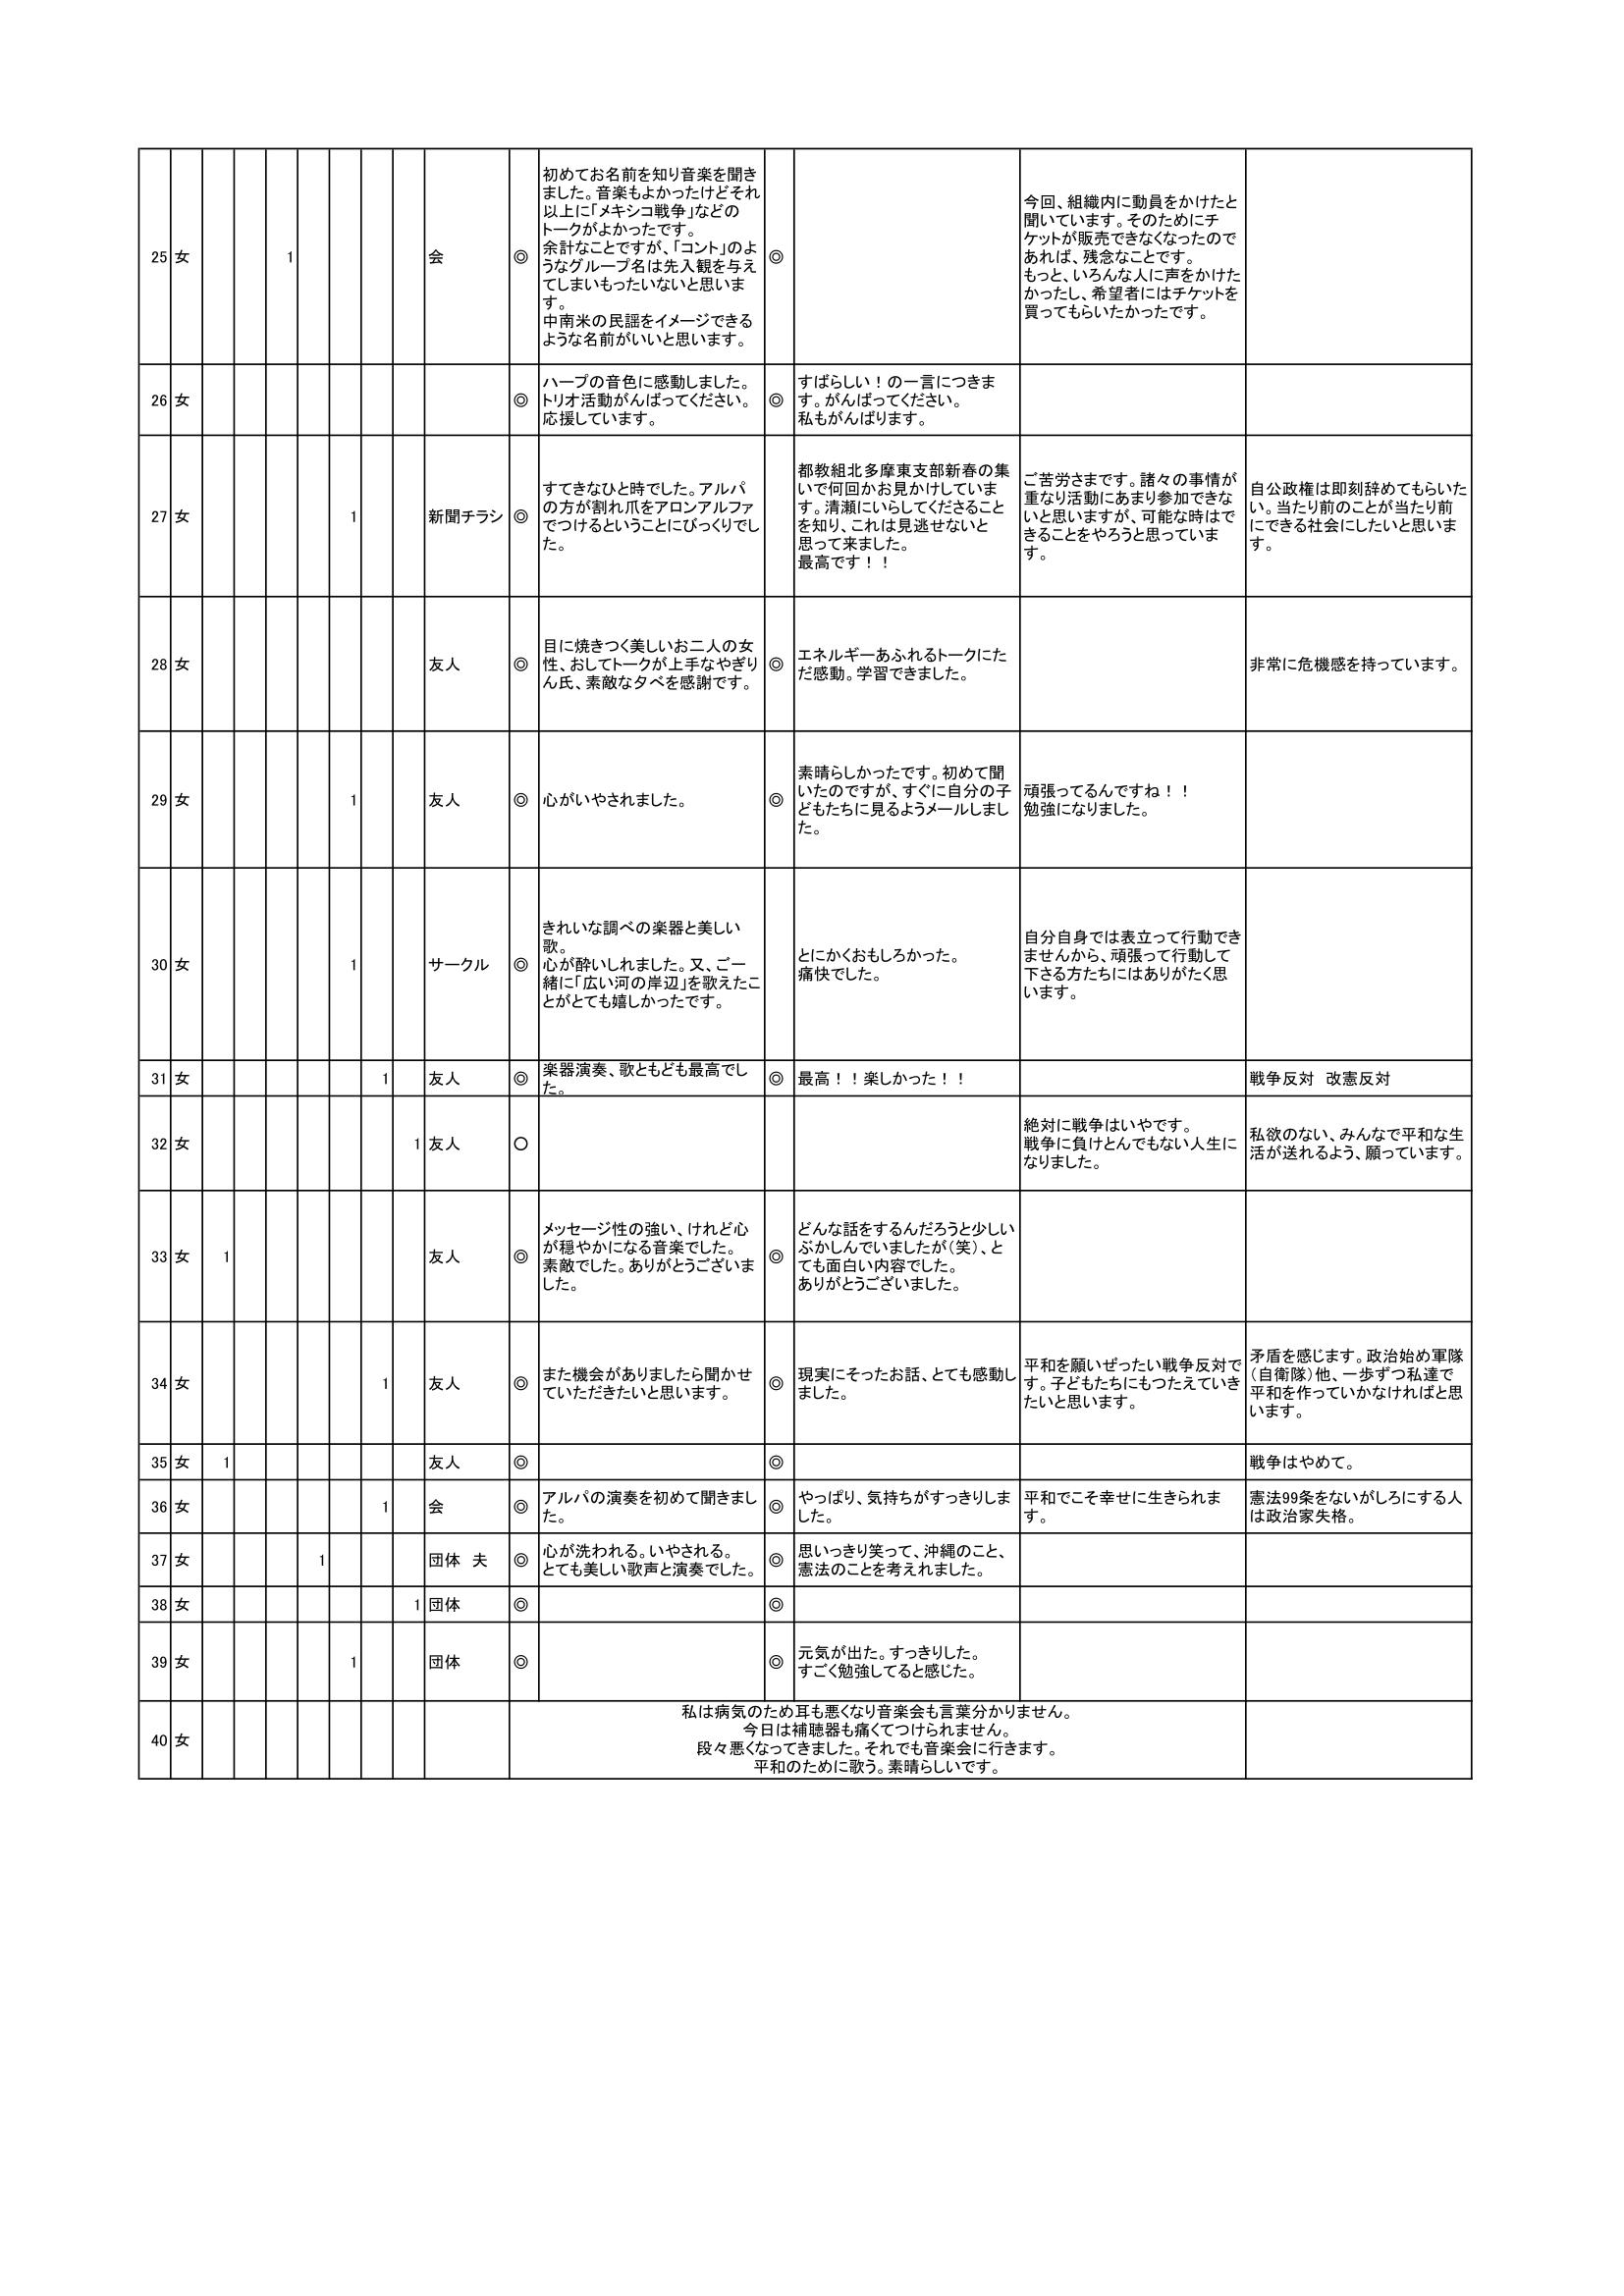 20160531アンケート結果-2